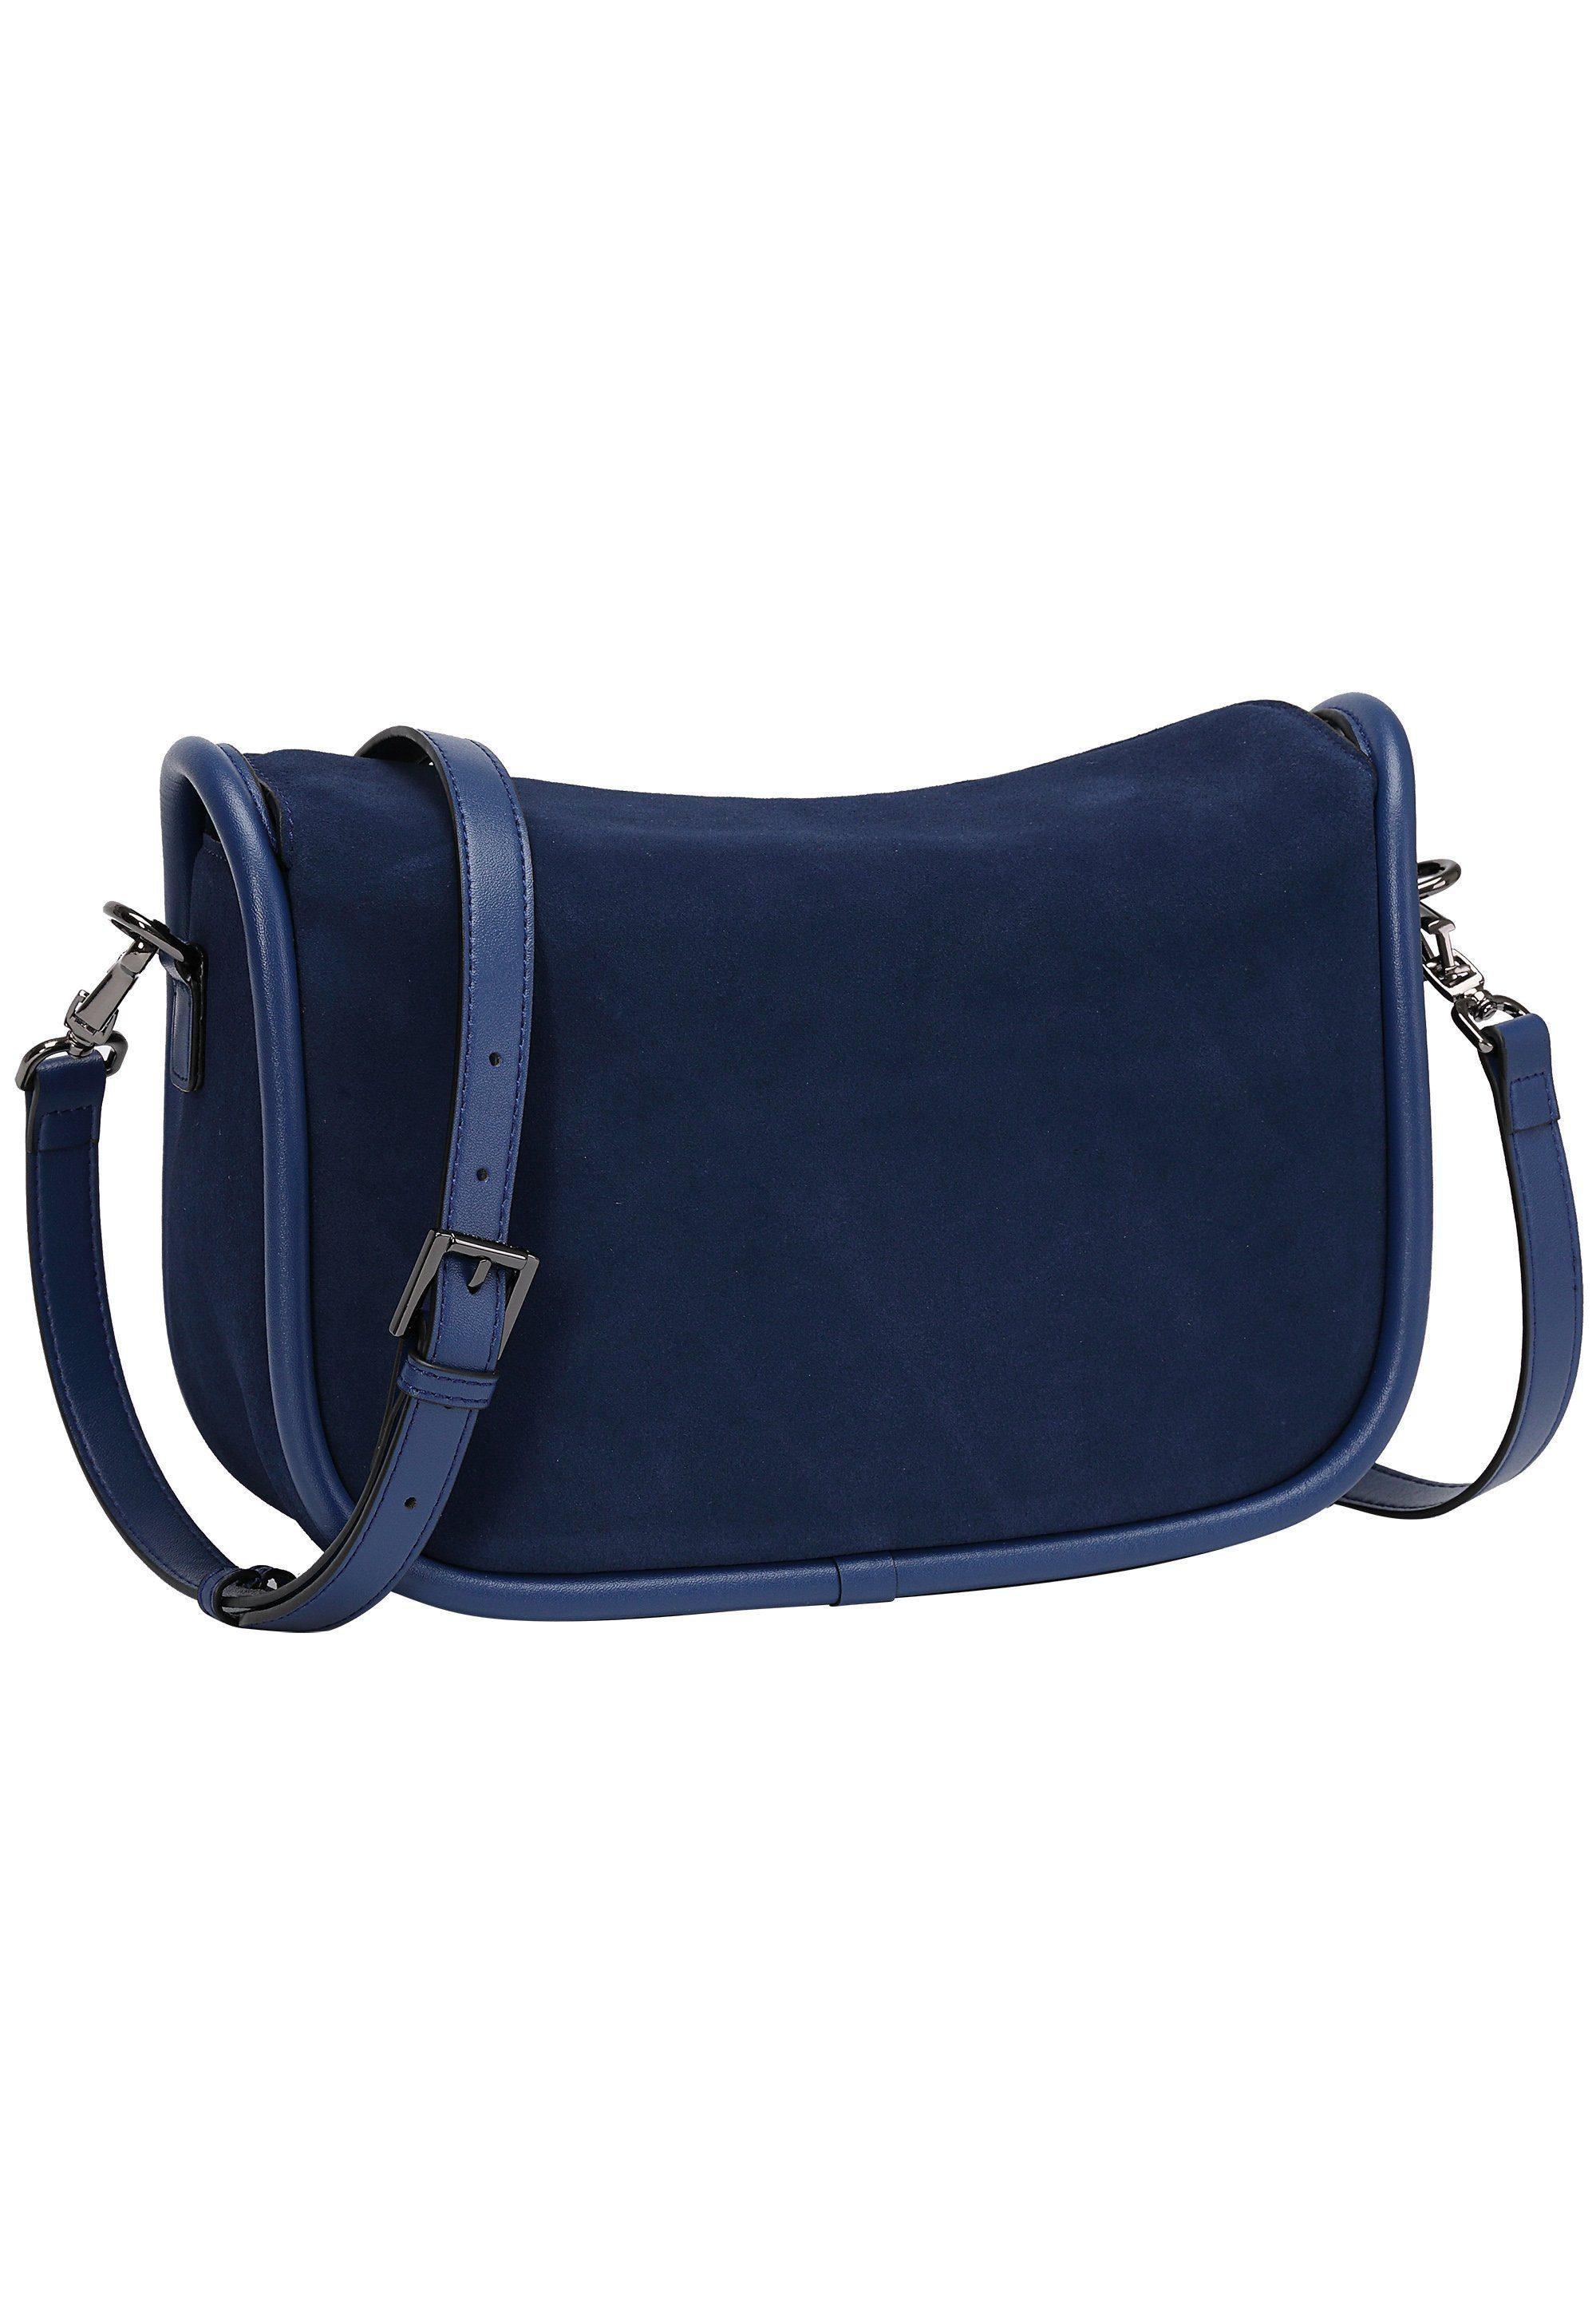 ekonika Umhängetasche, Modische Damenhandtasche der Marke ekonika online kaufen